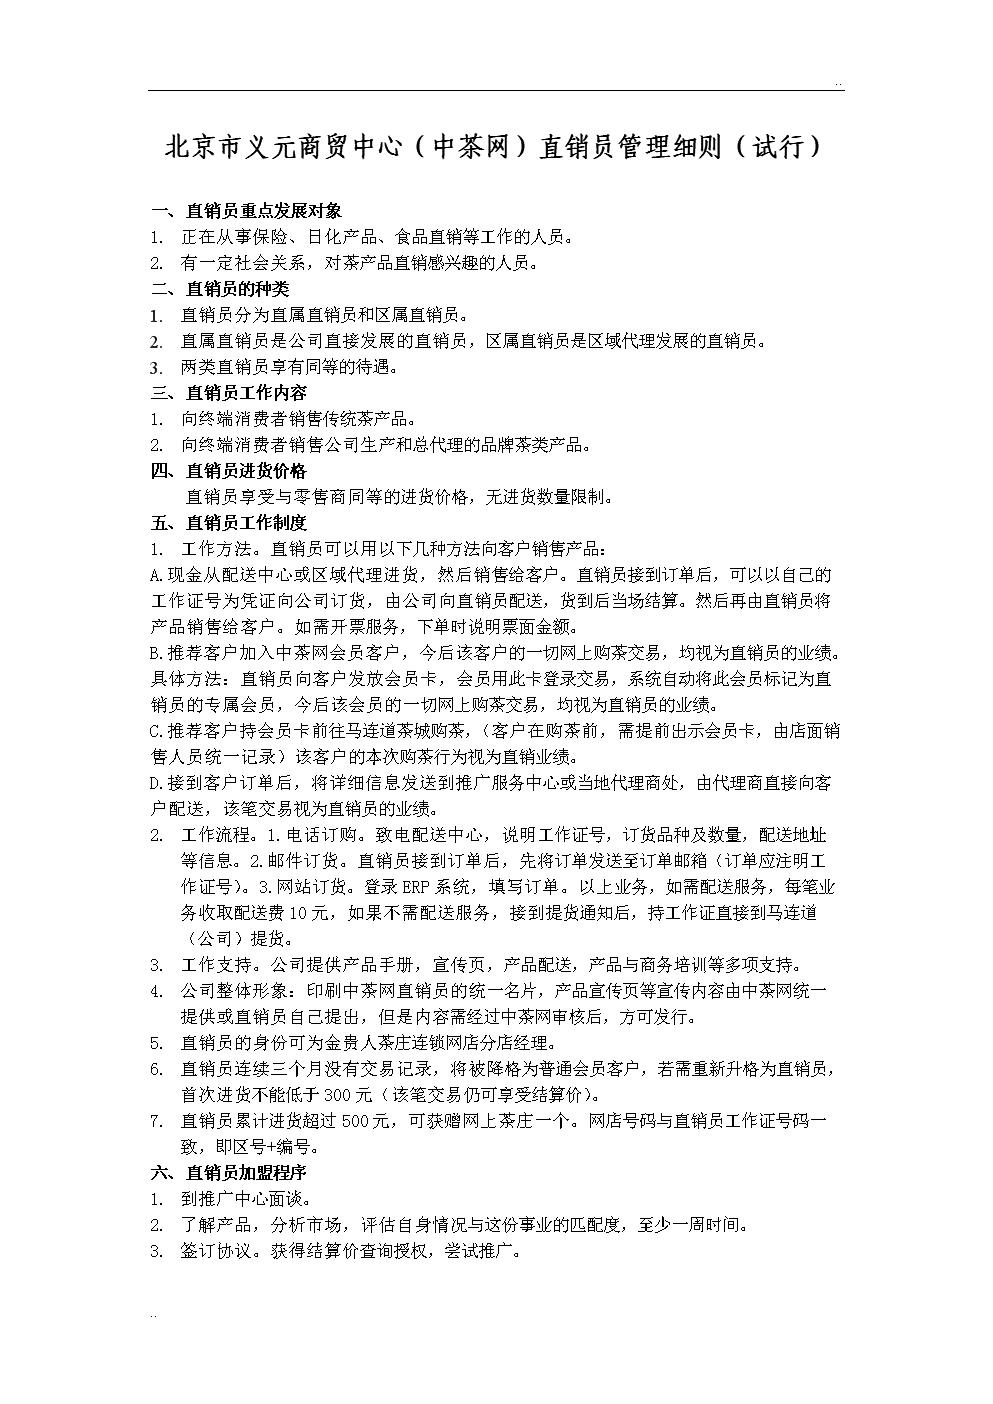 北京市义元商贸中心(中茶网)直销员管理细则(试行).doc